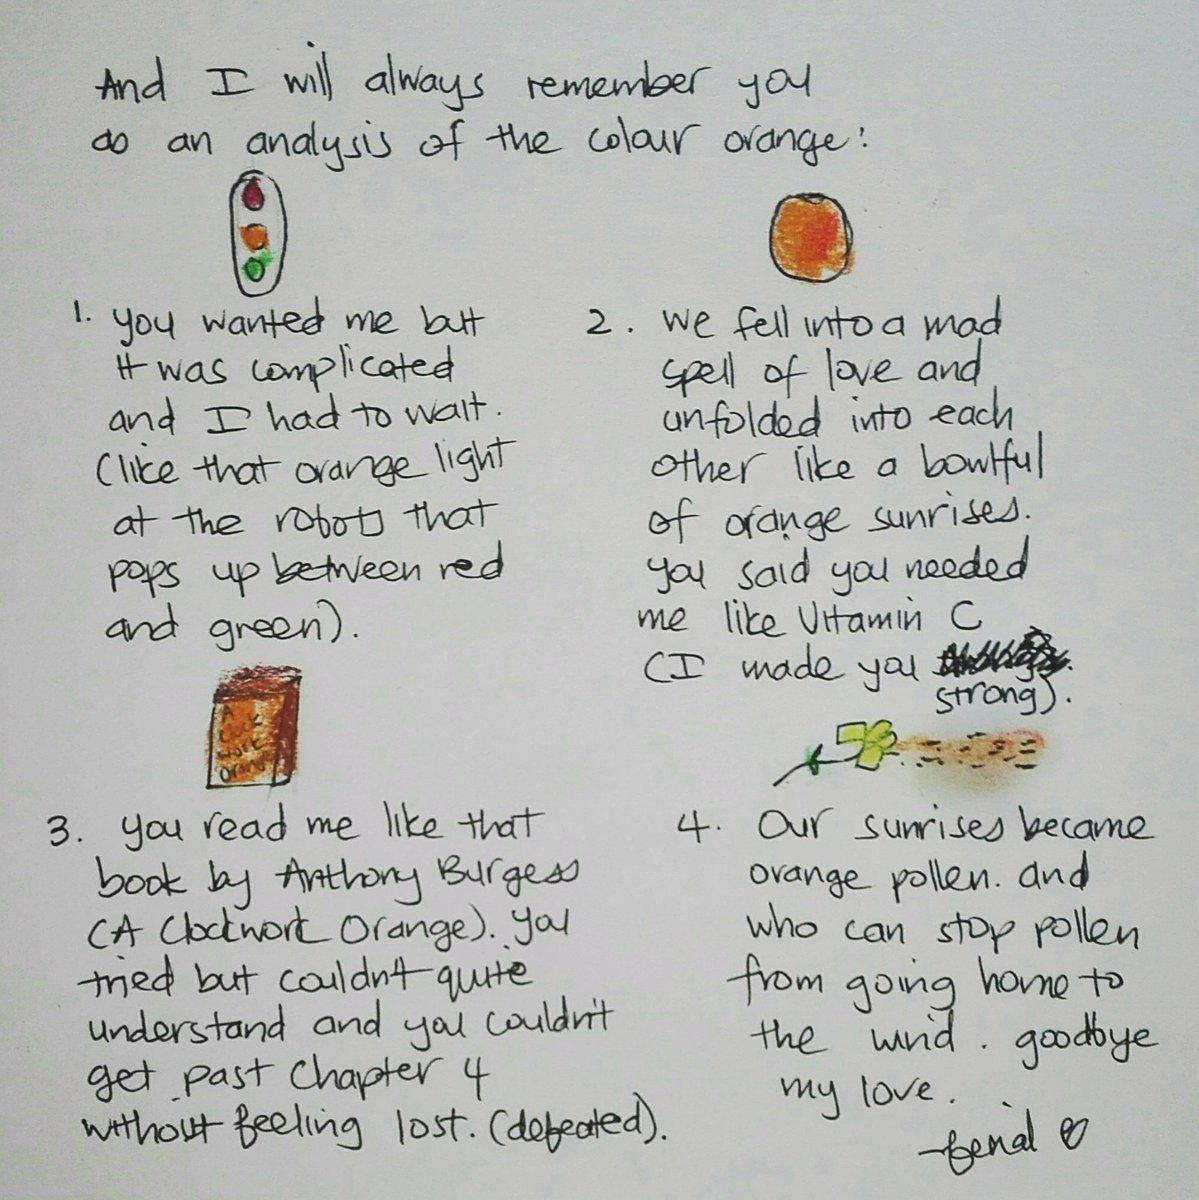 poetrycommunity quotes writingcommmunity quoteoftheday